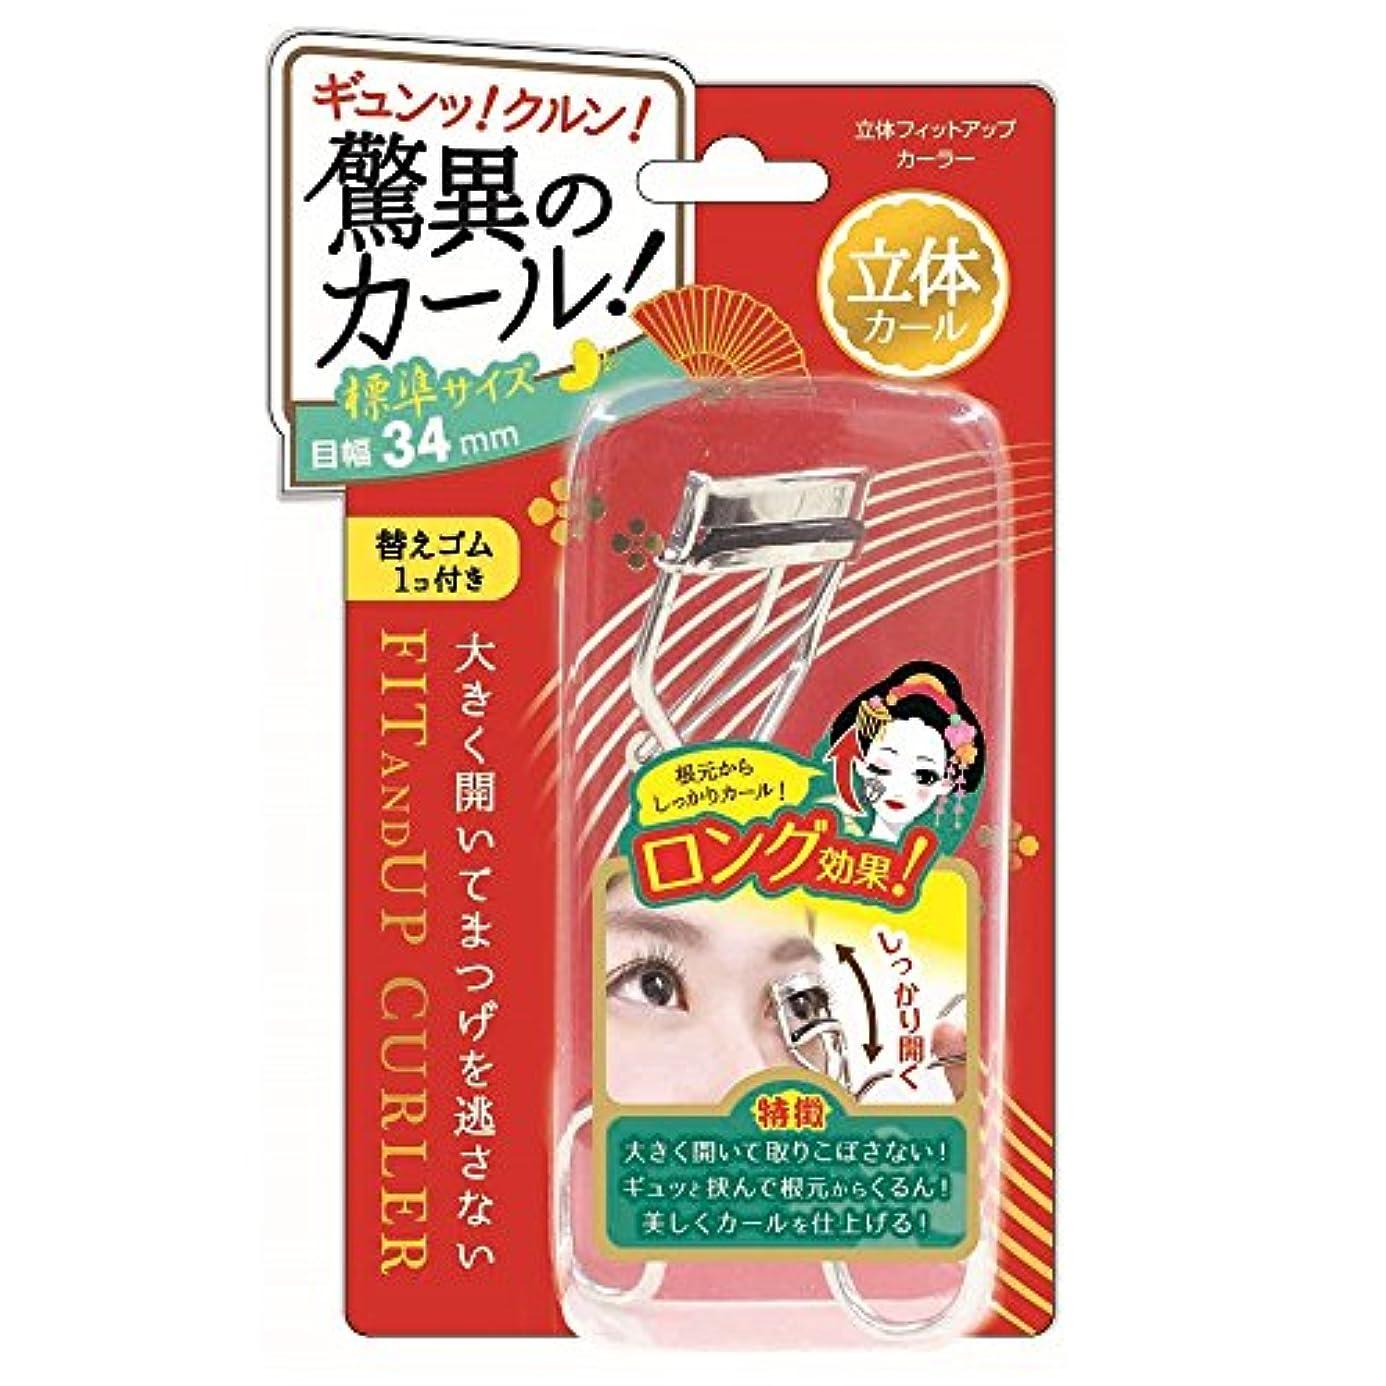 ボード示すドラマ立体フィットアップカーラー【FUC681】